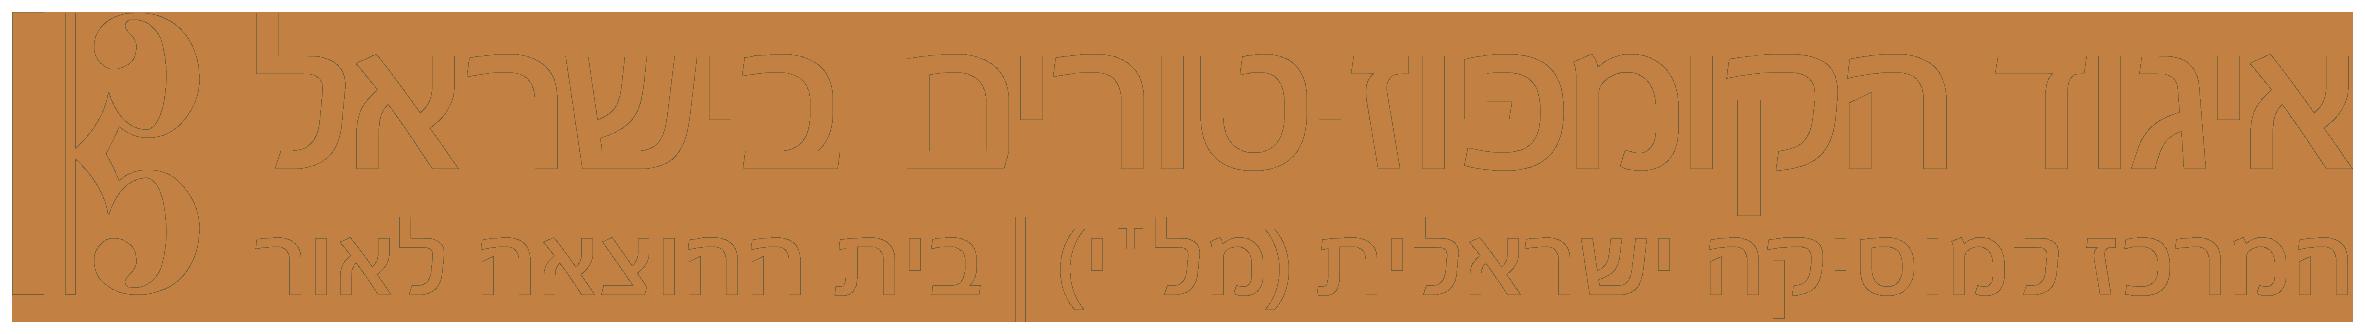 איגוד הקומפוזיטורים לוגו